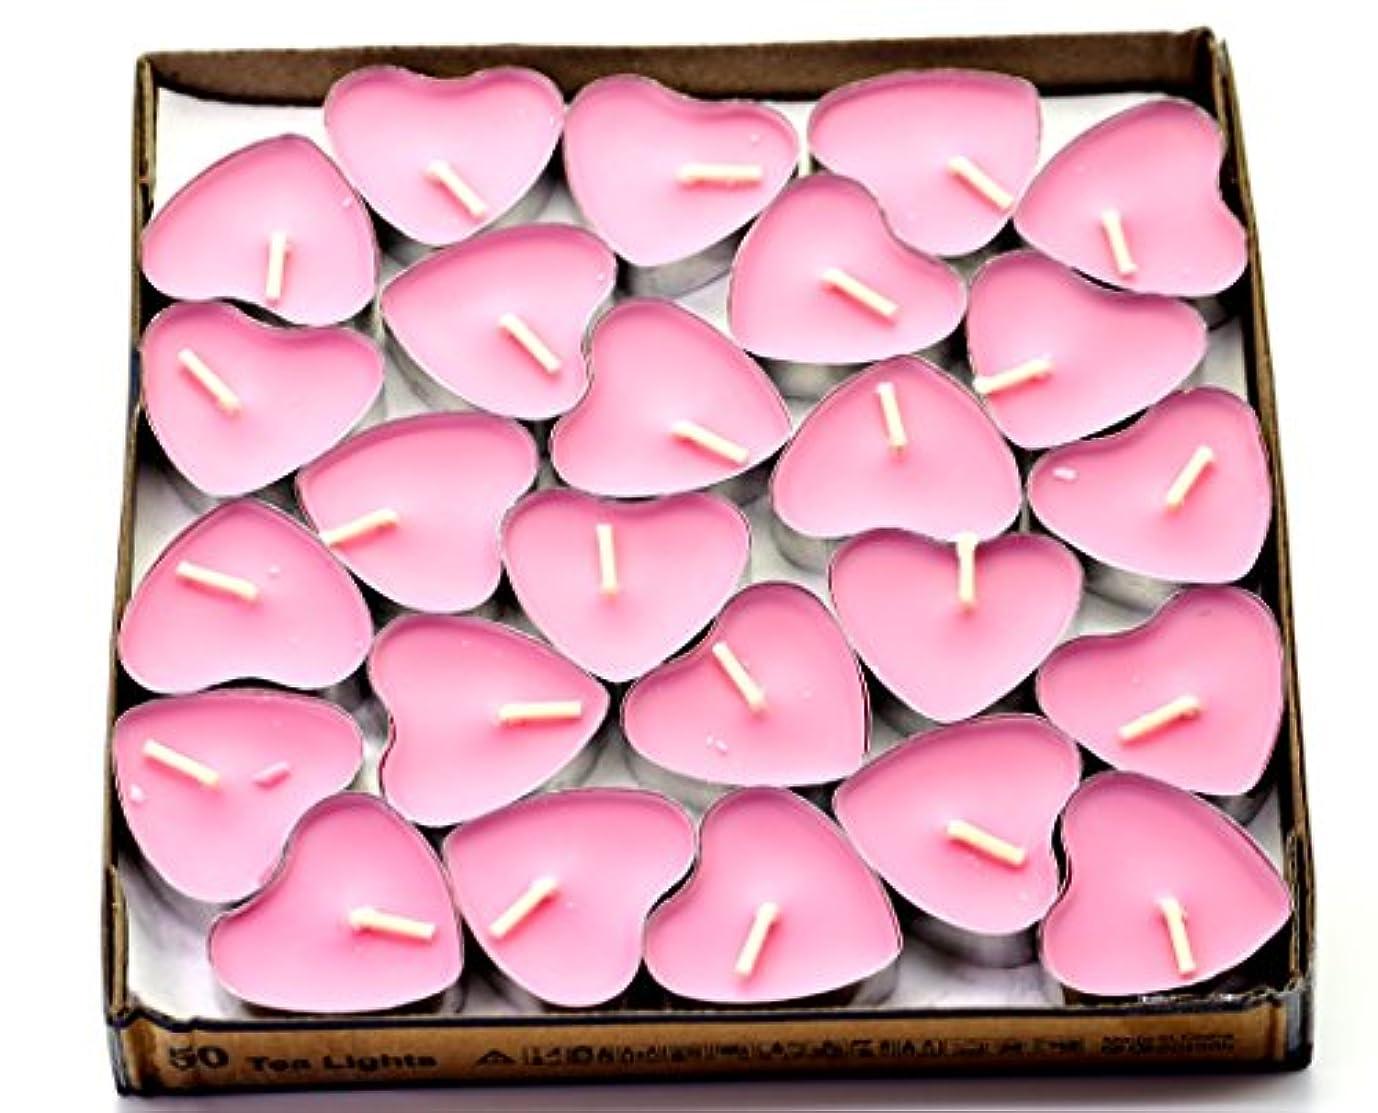 悪名高い貫通彫る(Pink(rose)) - Creationtop Scented Candles Tea Lights Mini Hearts Home Decor Aroma Candles Set of 50 pcs mini...